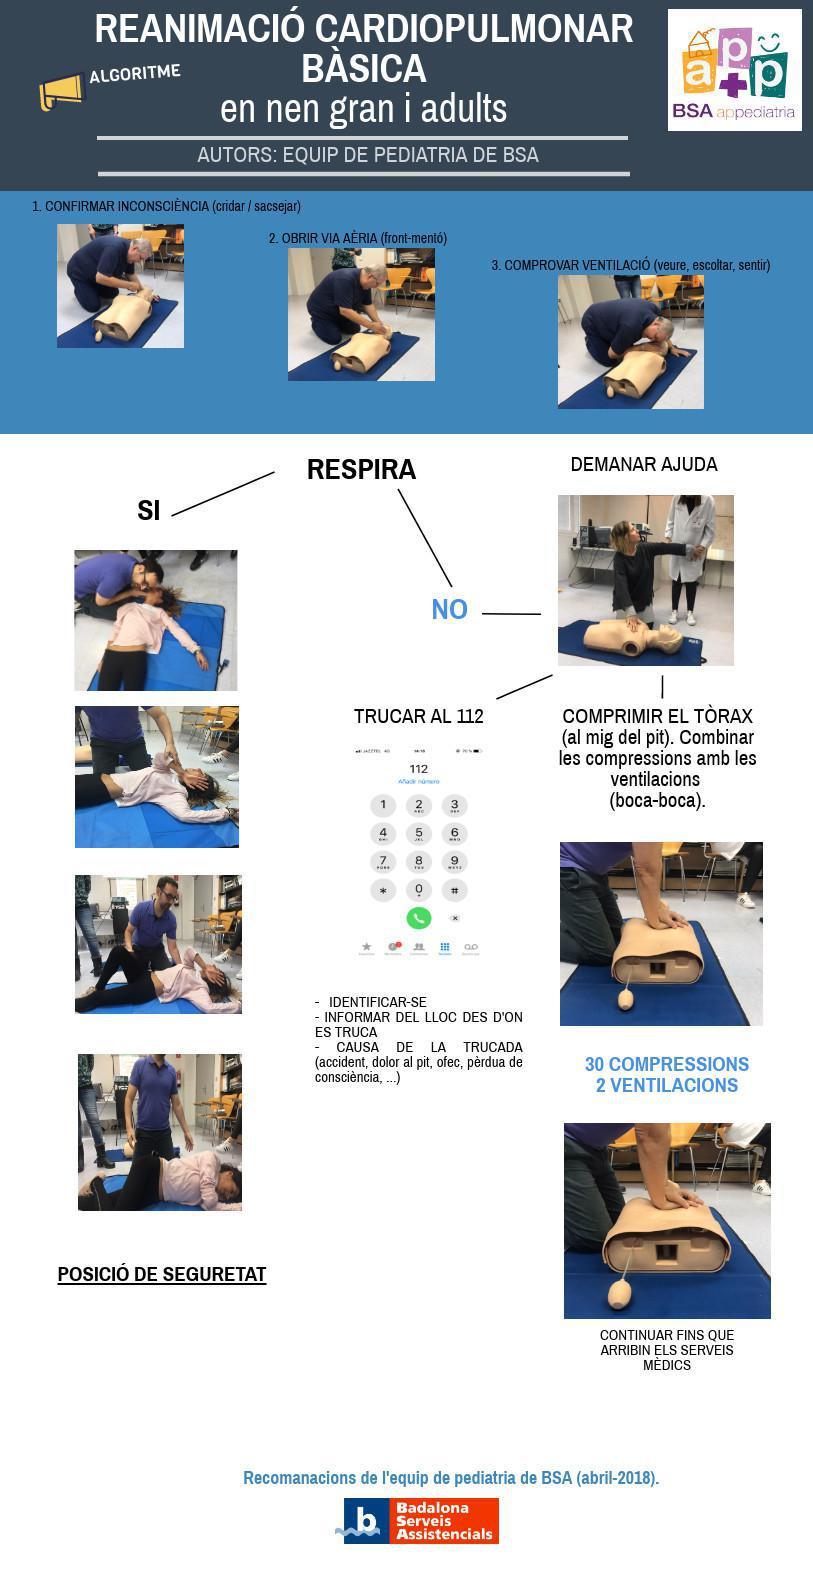 Reanimació cardiopulmonar per a nens grans i adults.